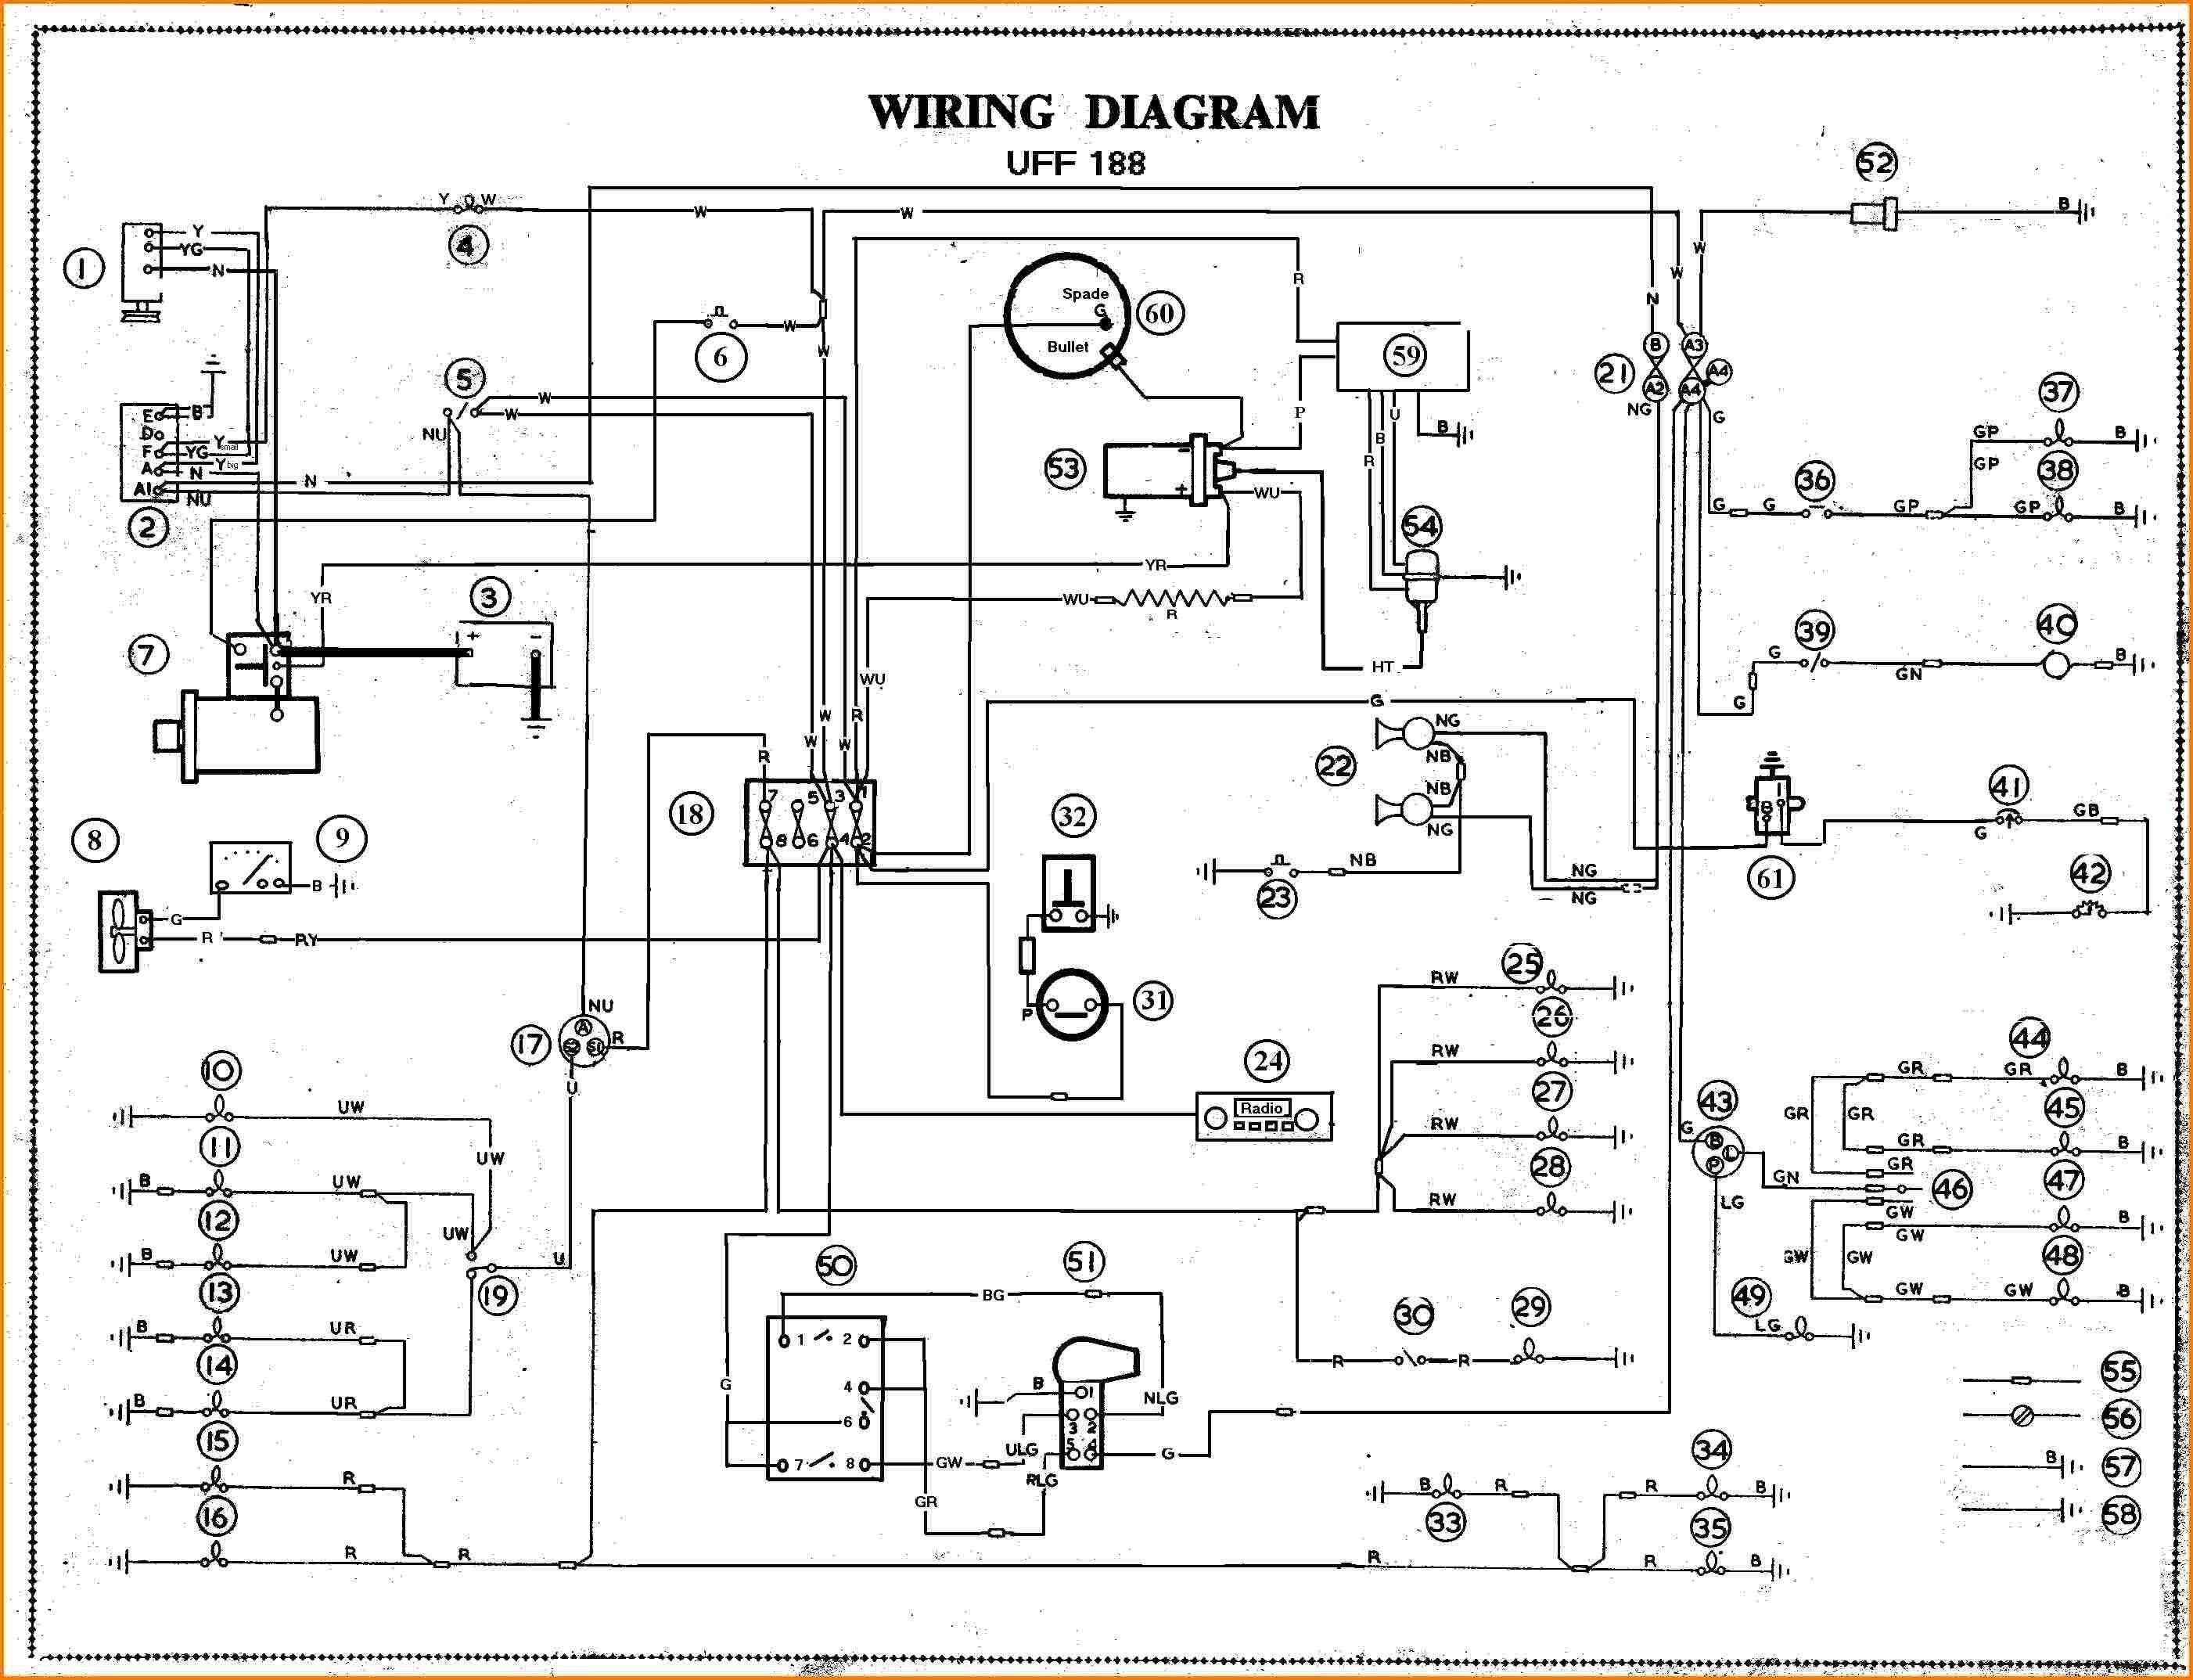 Inspirational Autodata Wiring Diagram Symbols #diagrams #digramssample  #diagramimages #wiri… | Electrical diagram, Electrical wiring diagram,  Trailer wiring diagramPinterest